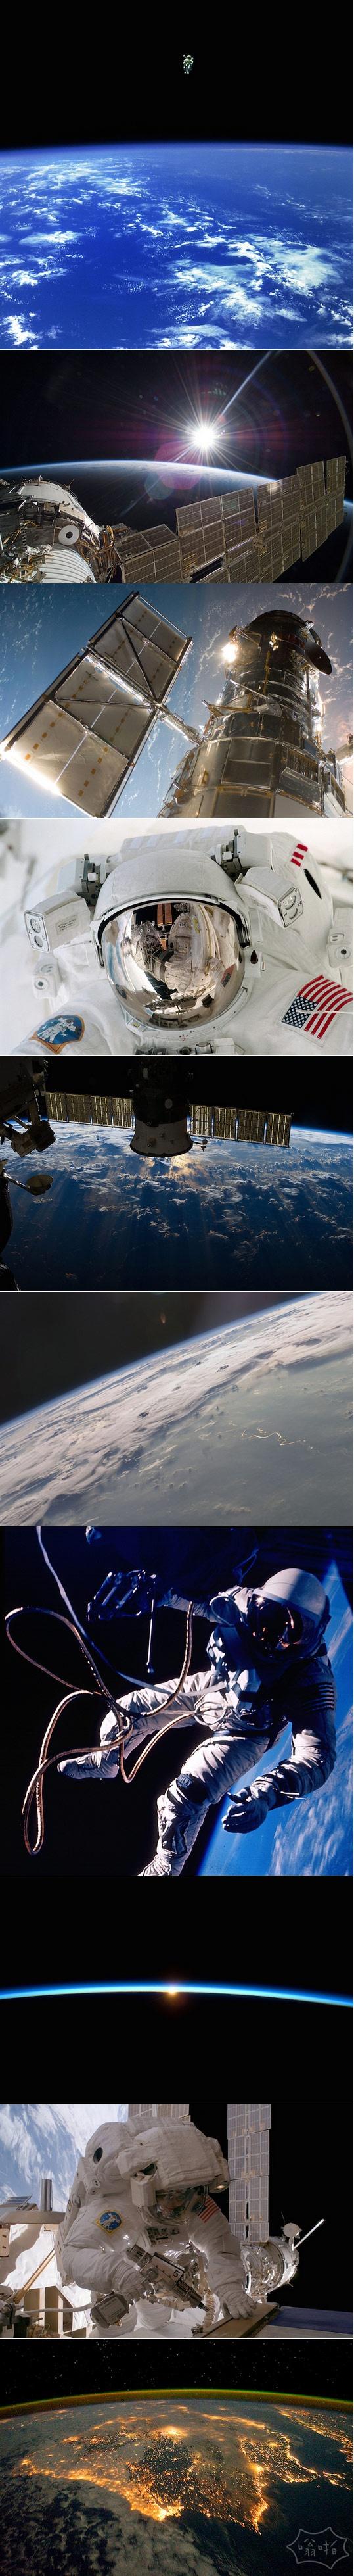 美国航空航天局令人叹为观止的太空照片